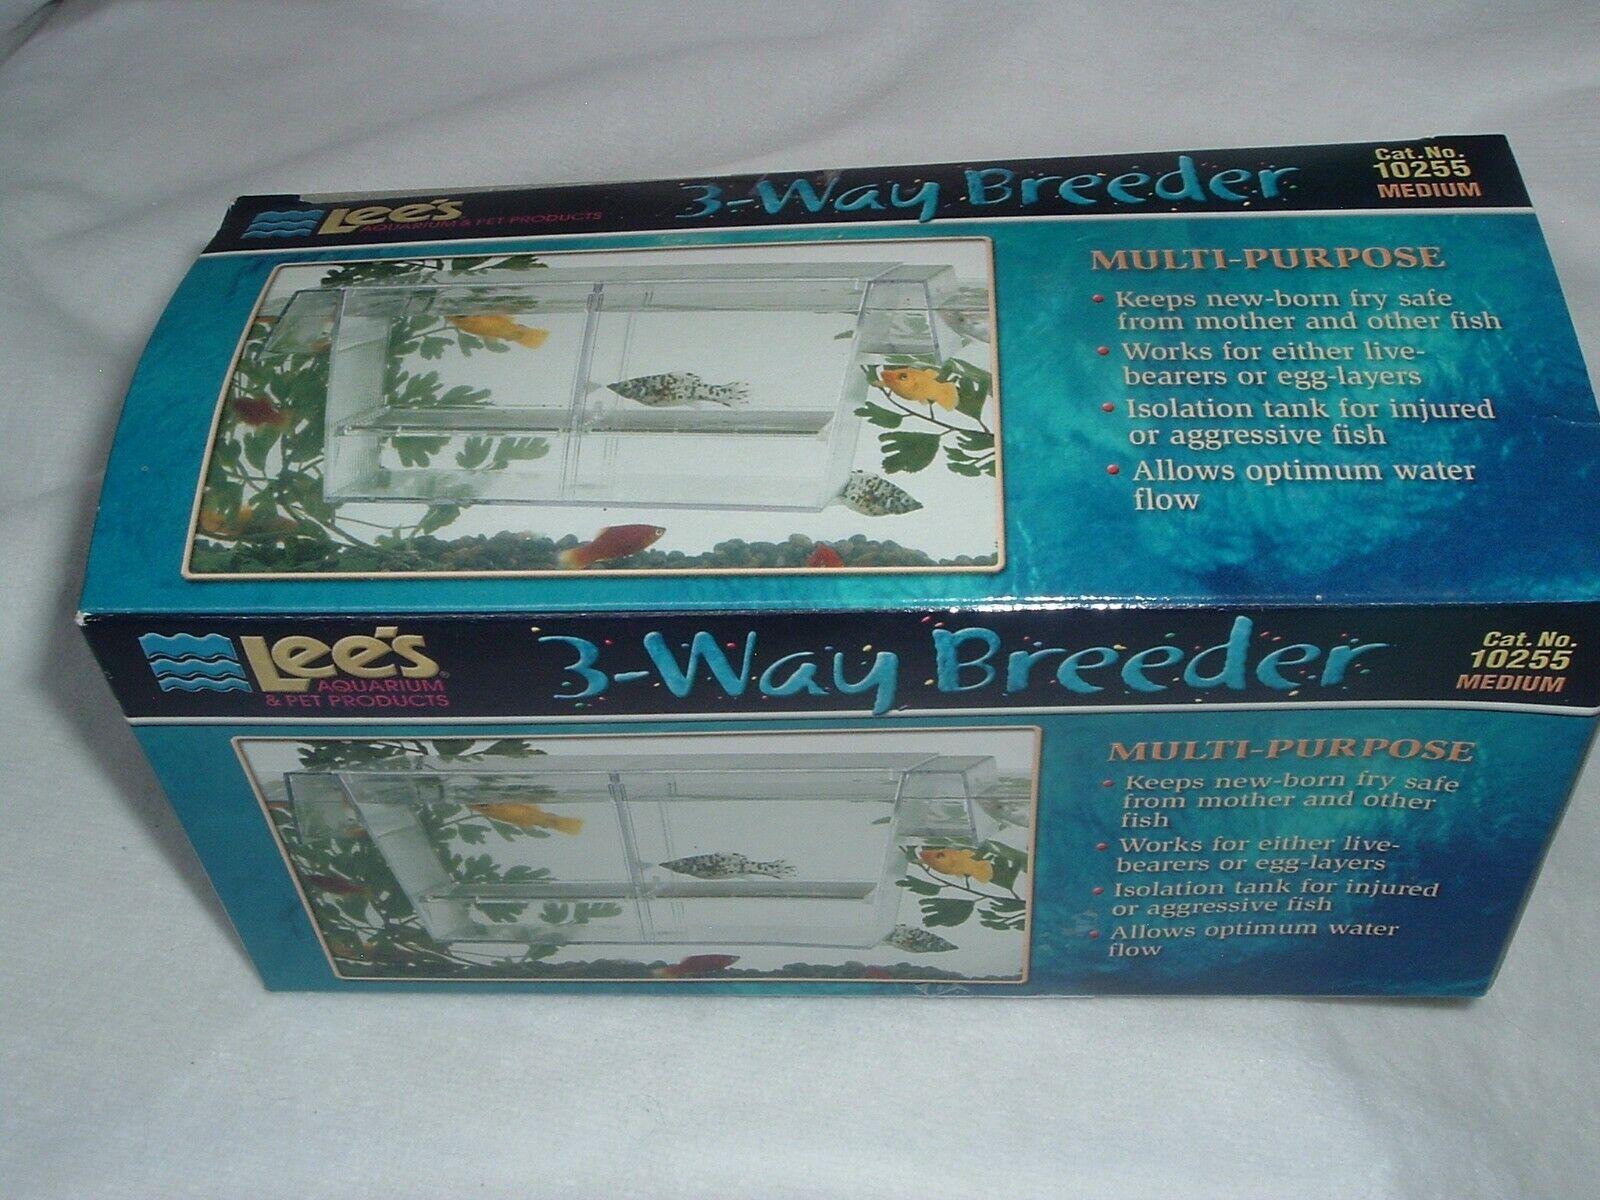 3 Way Aquarium Guppy Fish Breeder Fry Divider Isolation Tank Lee S For Sale Online Ebay